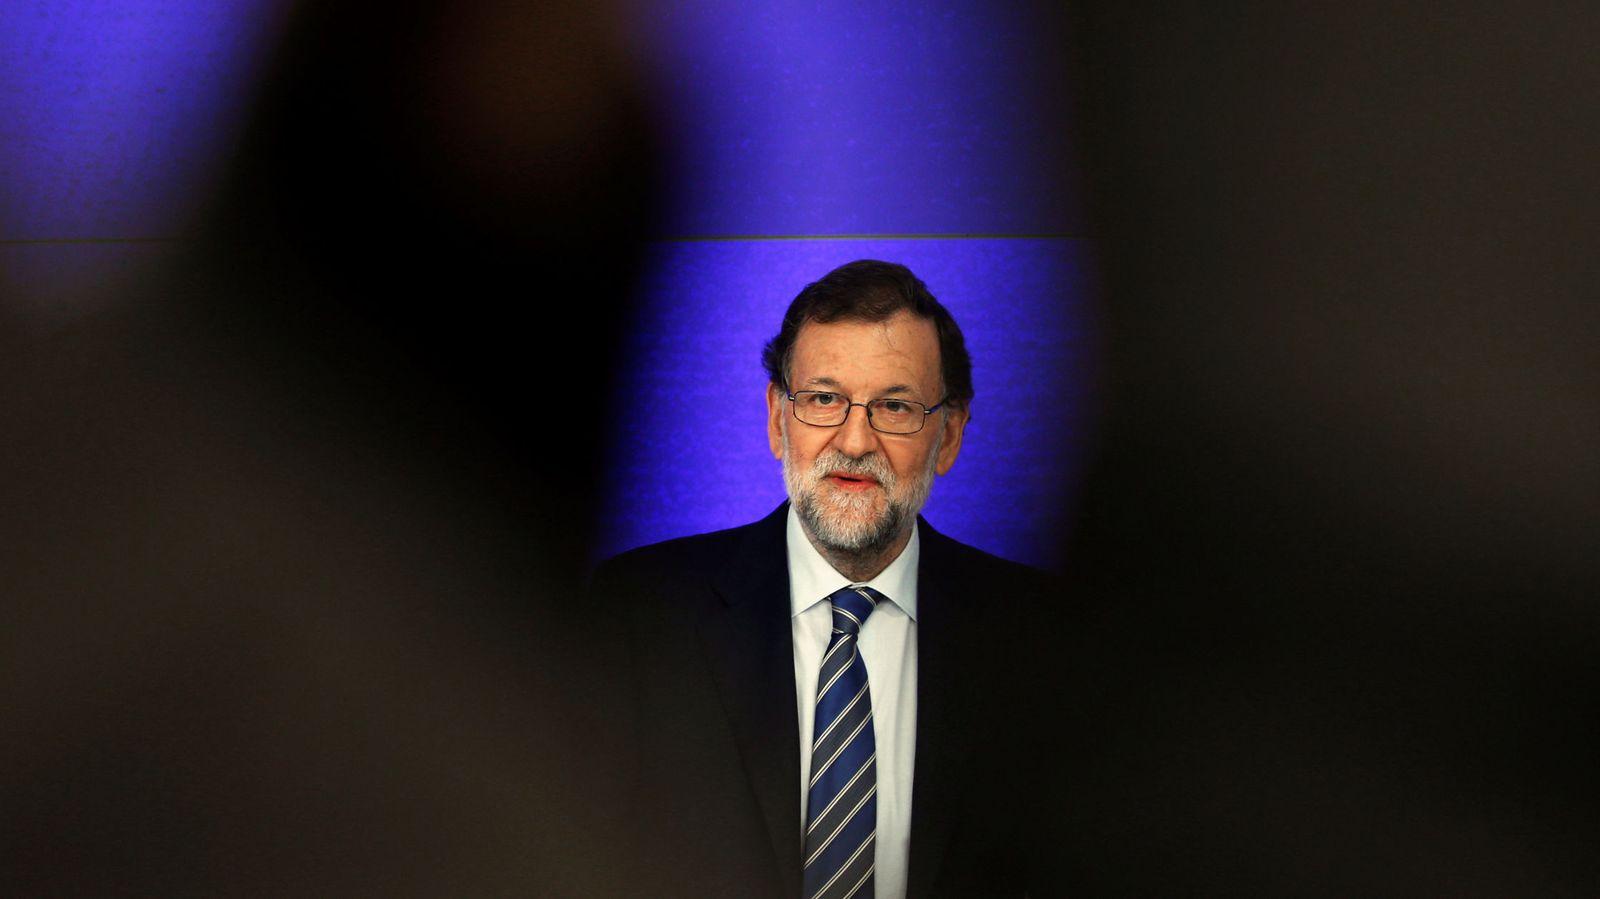 Foto: Mariano Rajoy, presidente del Gobierno en funciones. (Reuters)